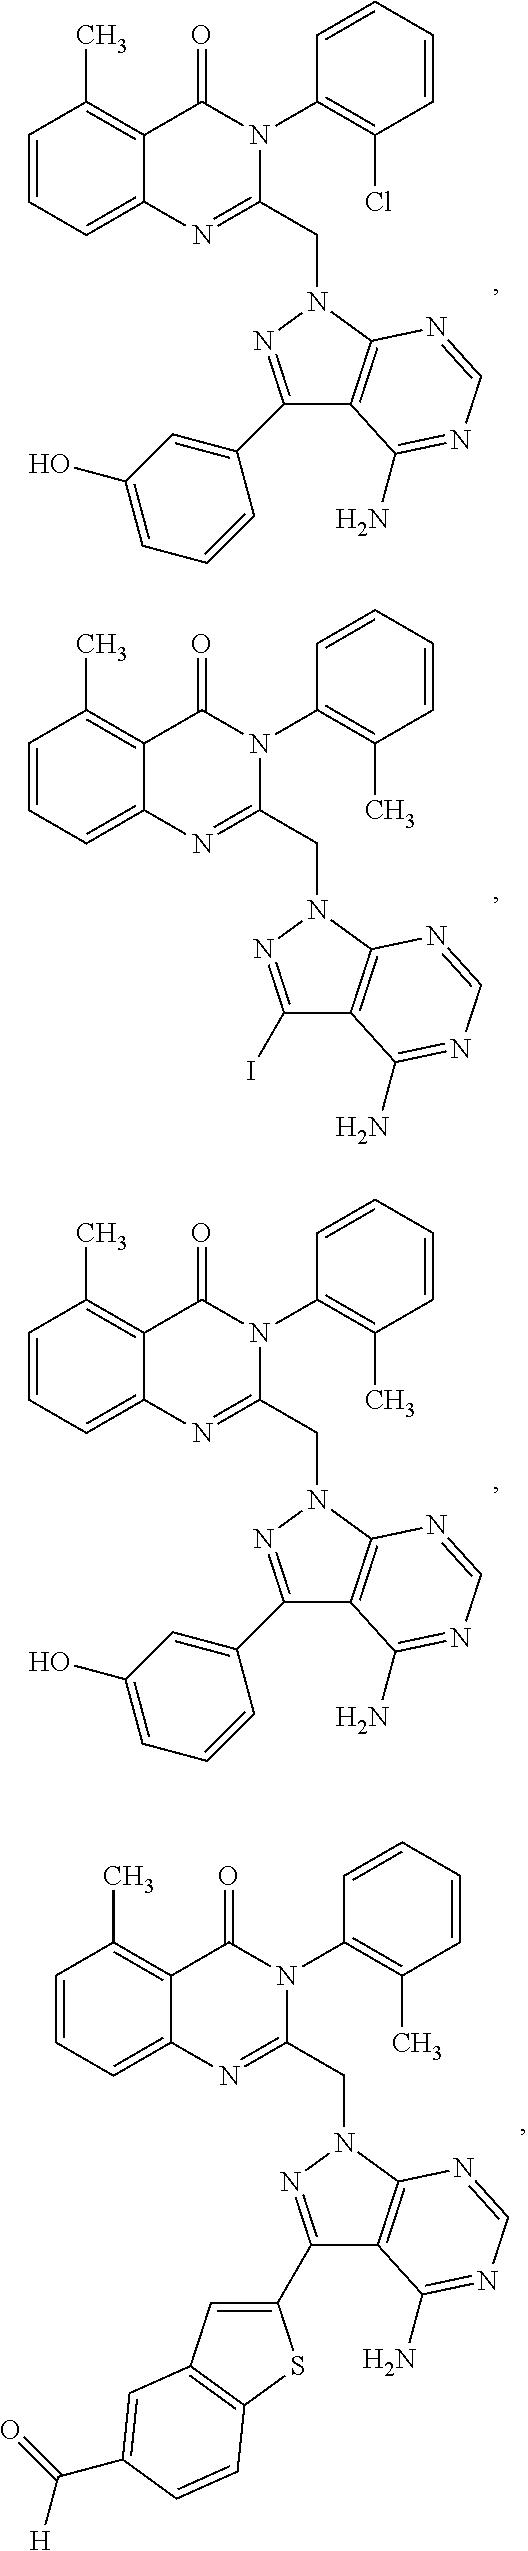 Figure US09493467-20161115-C00041